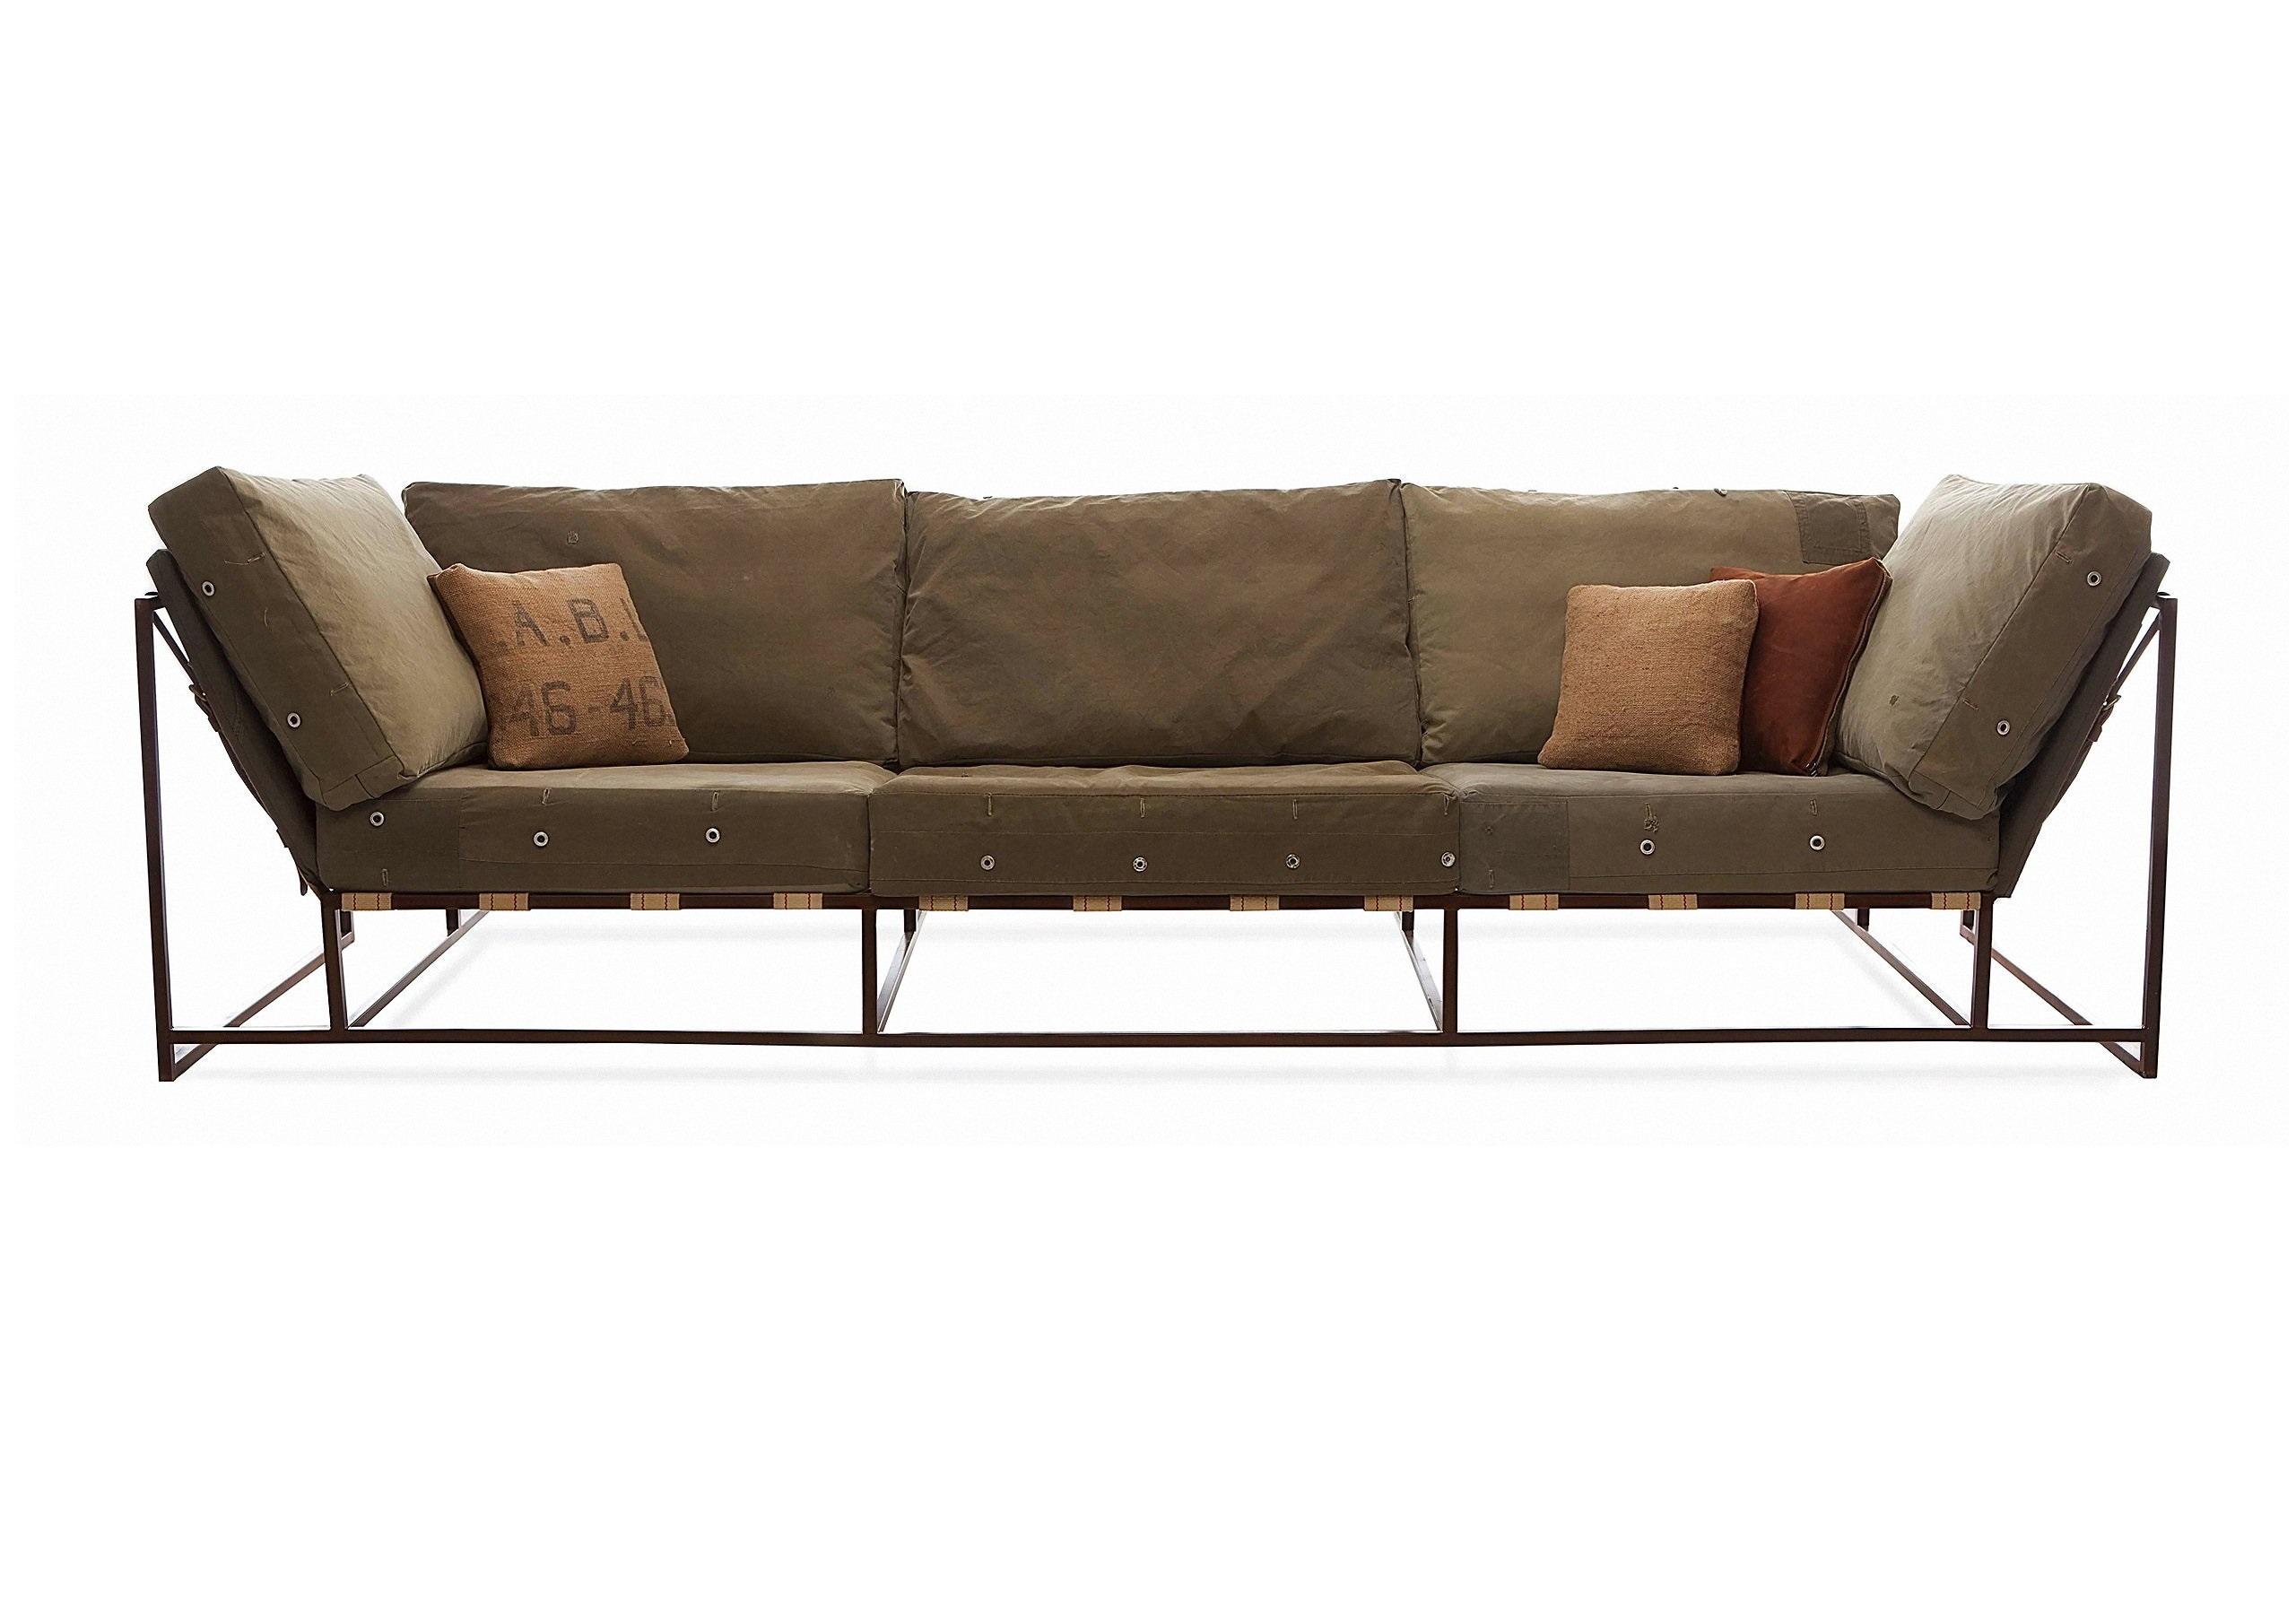 The_sofa трехместный диван милитари зеленый 134332/1